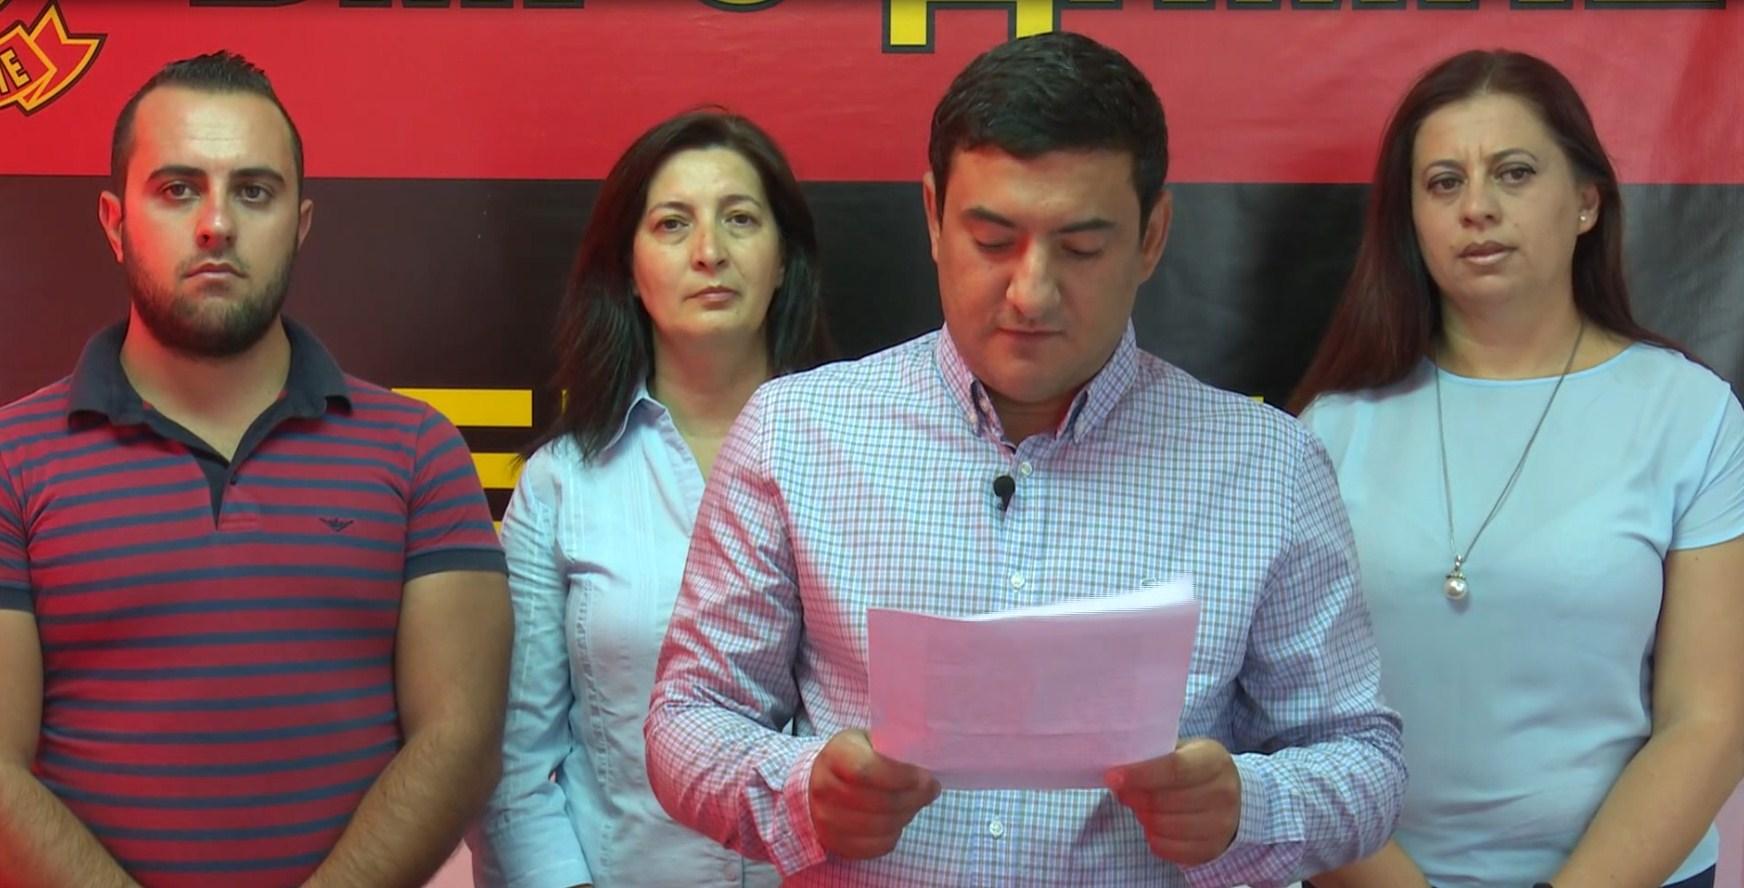 ВМРО ДПМНЕ Неготино  Со усвојување на стратегијата бегалци се доведува во опасност безбедносната ситуација